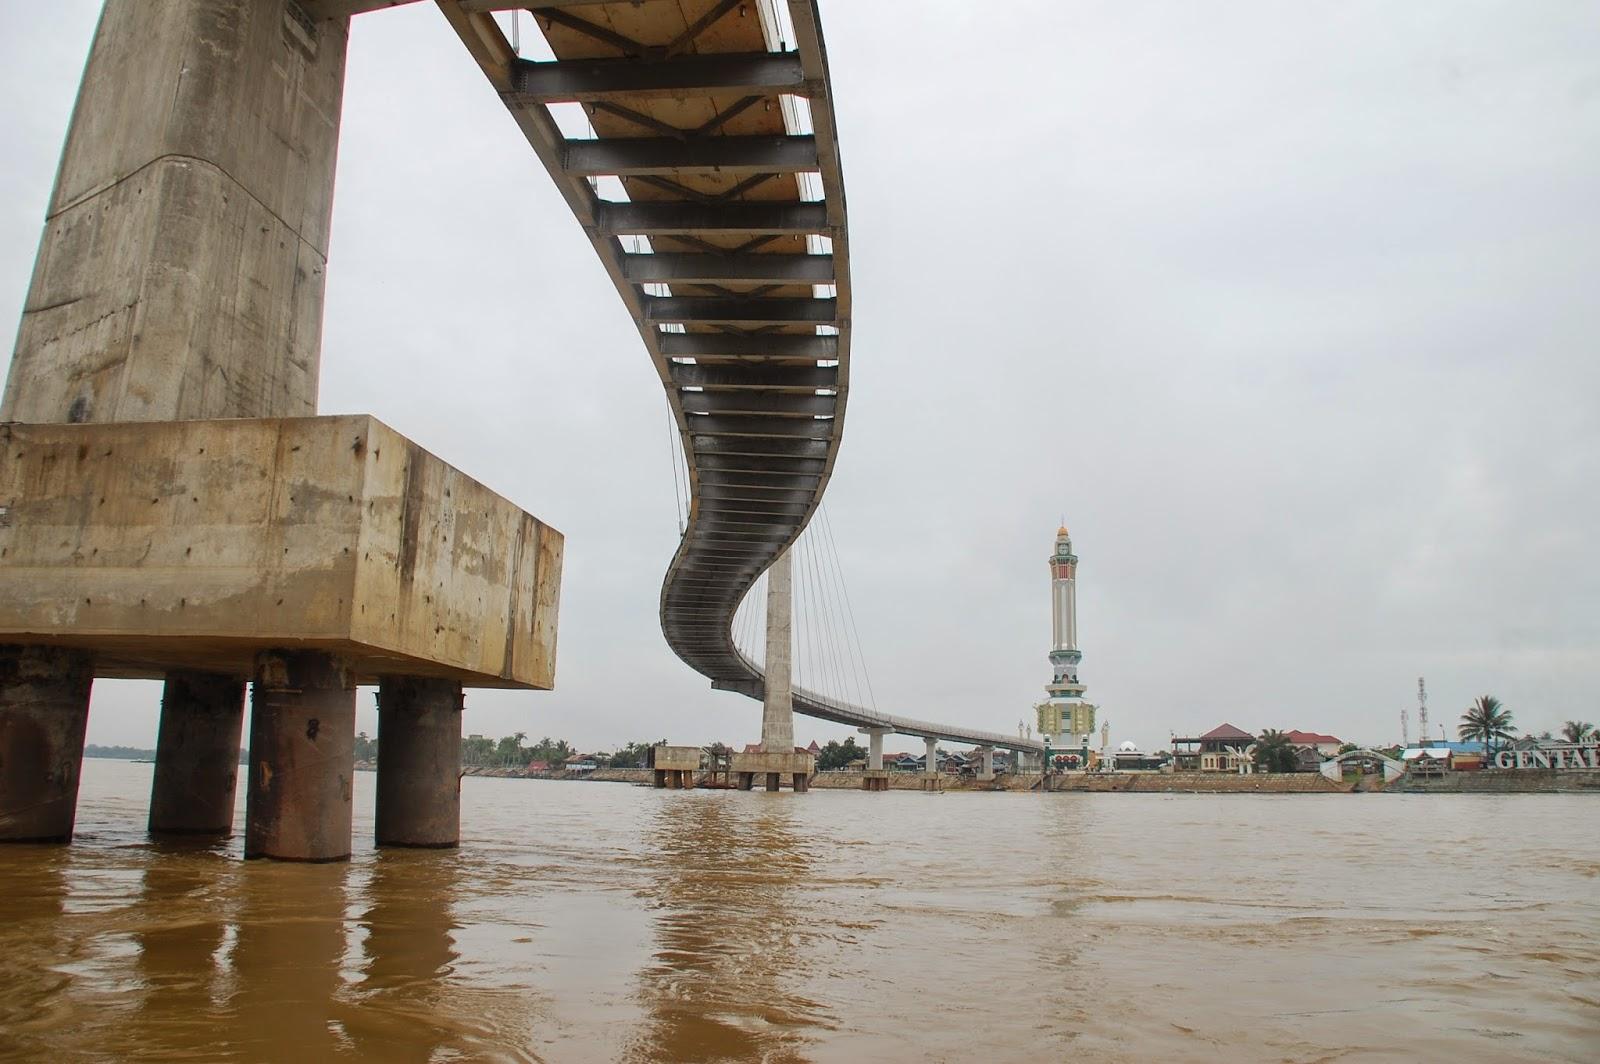 Beritaku Wisata Sungai Batanghari Seputar Jembatan Pedistrian Menara Gentala Arasy